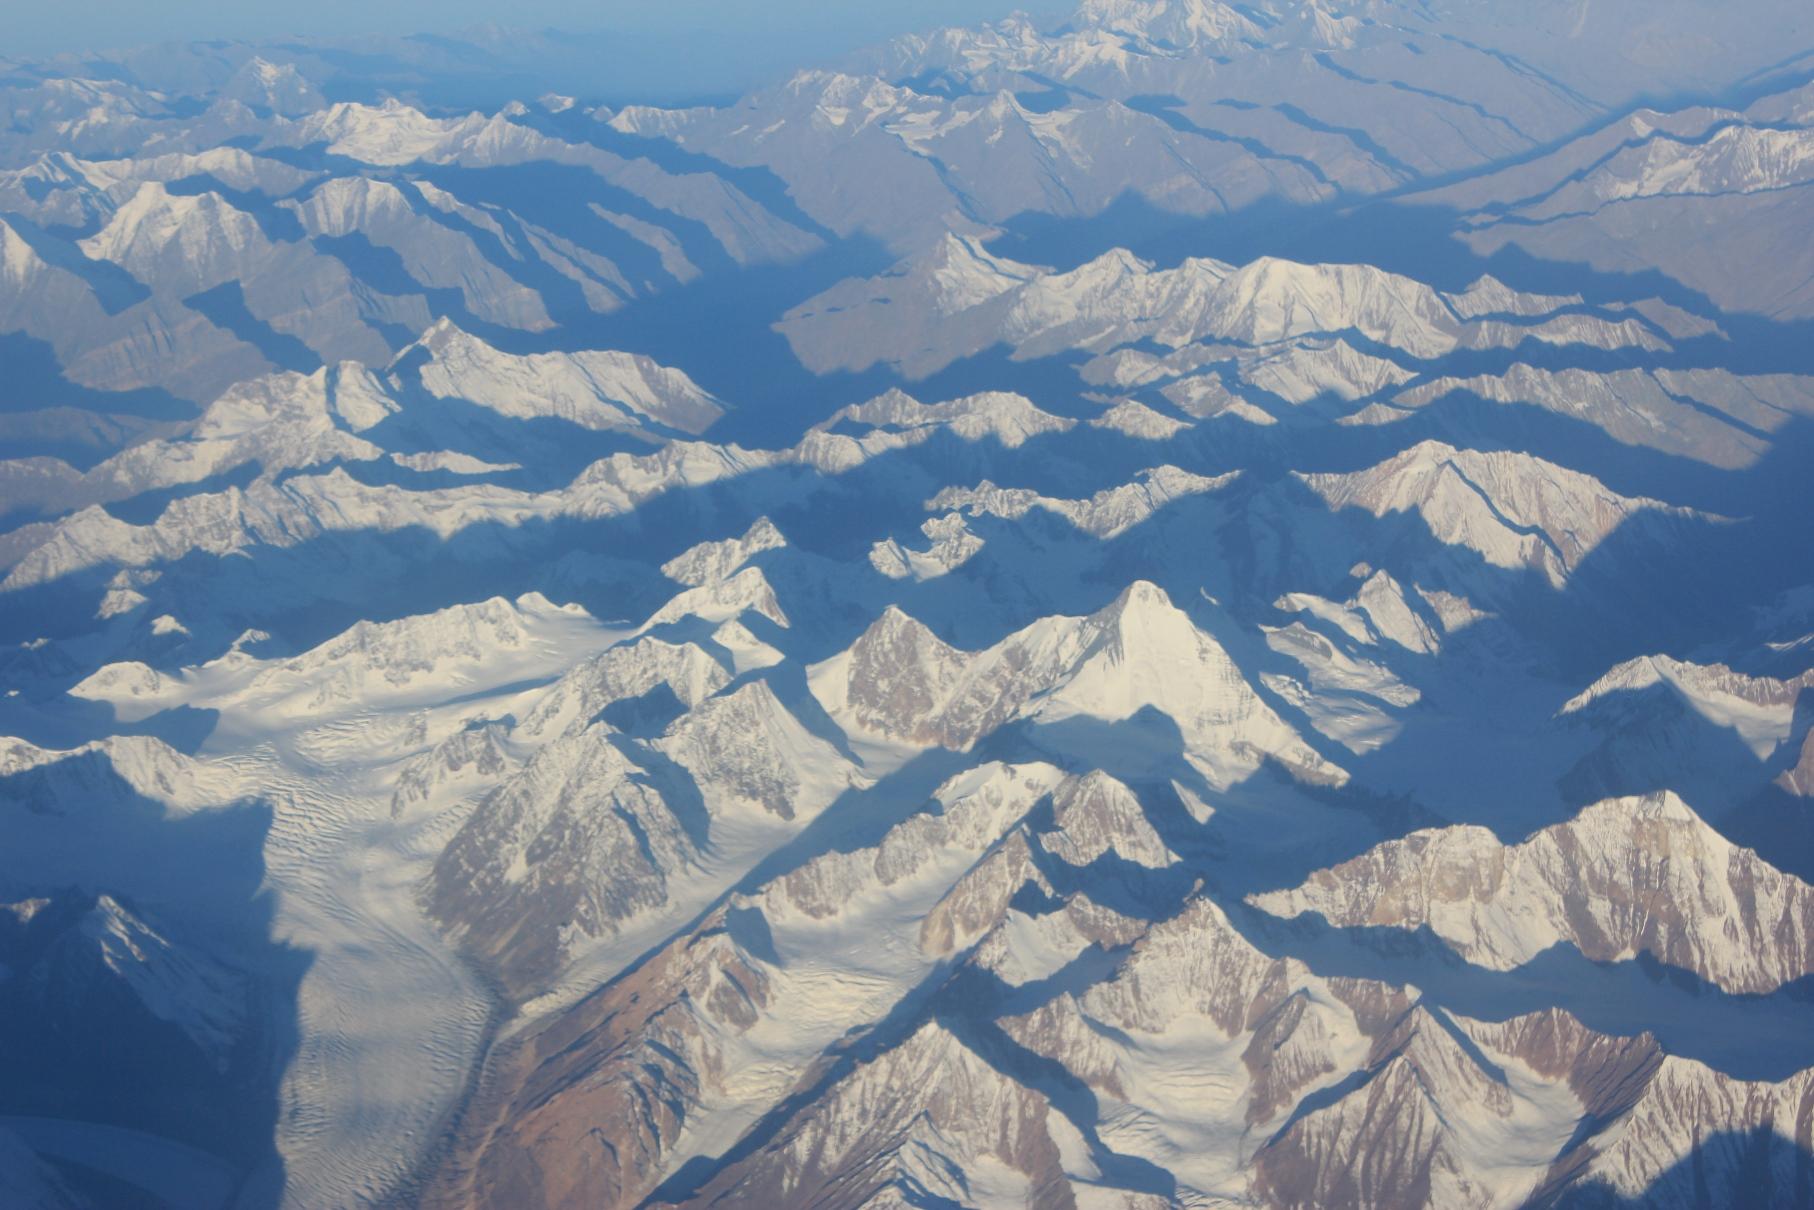 レーへのフライトの機窓からの氷河と雪山